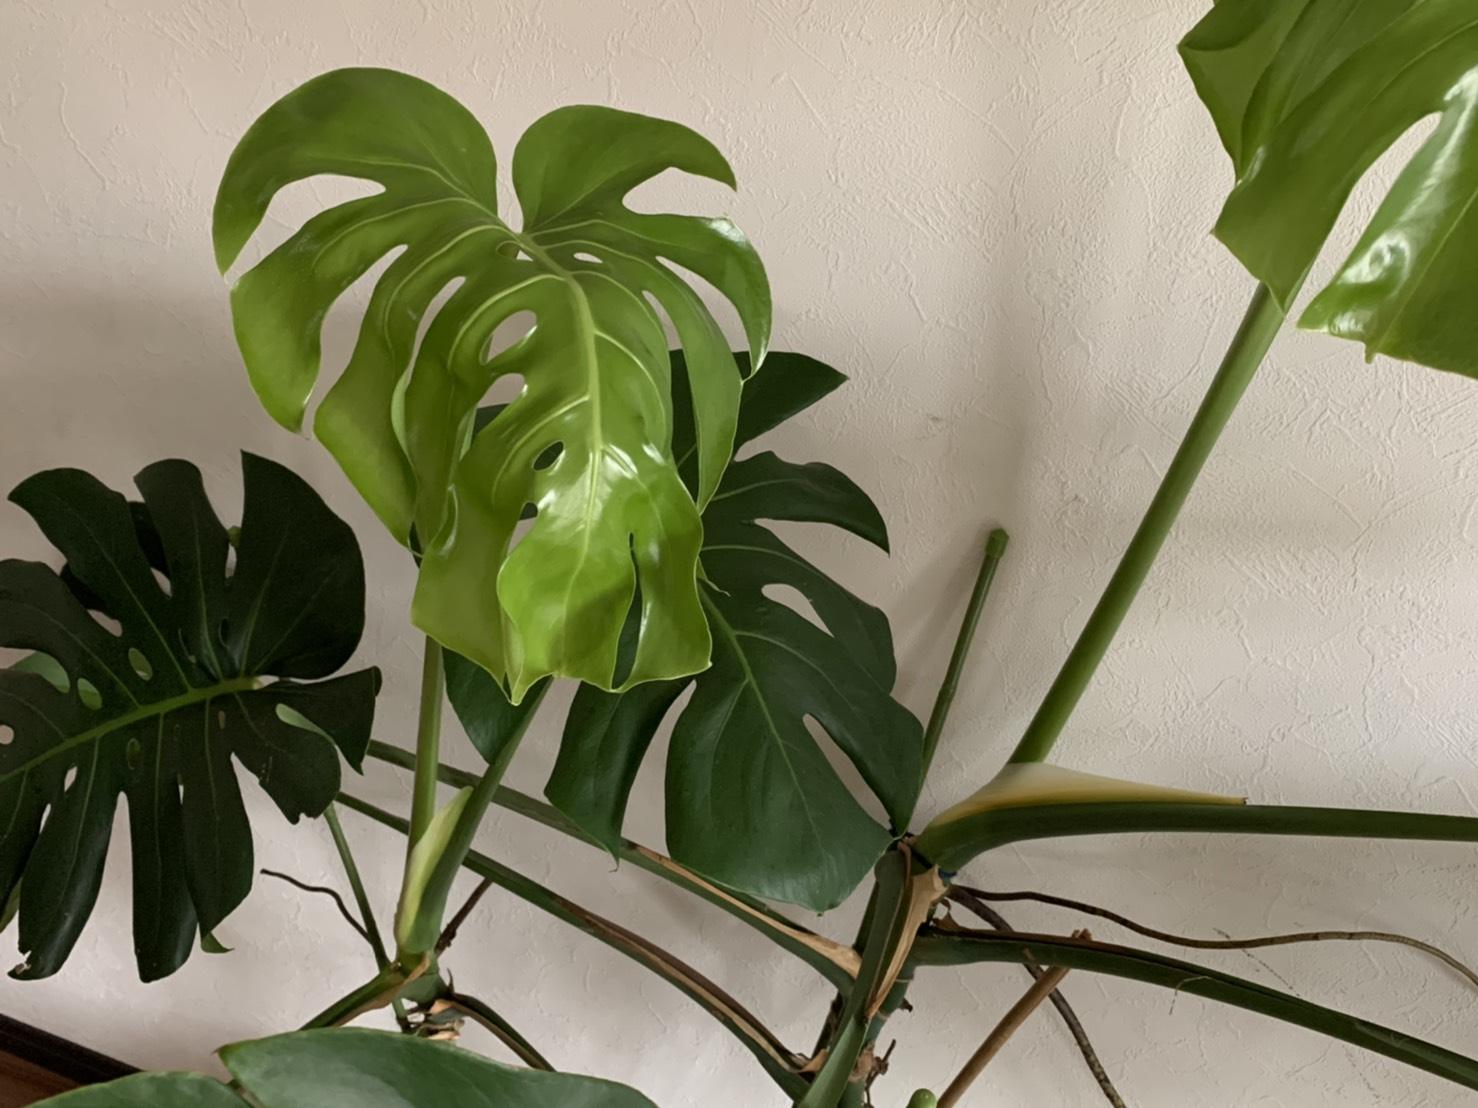 新しいみずみずしい葉